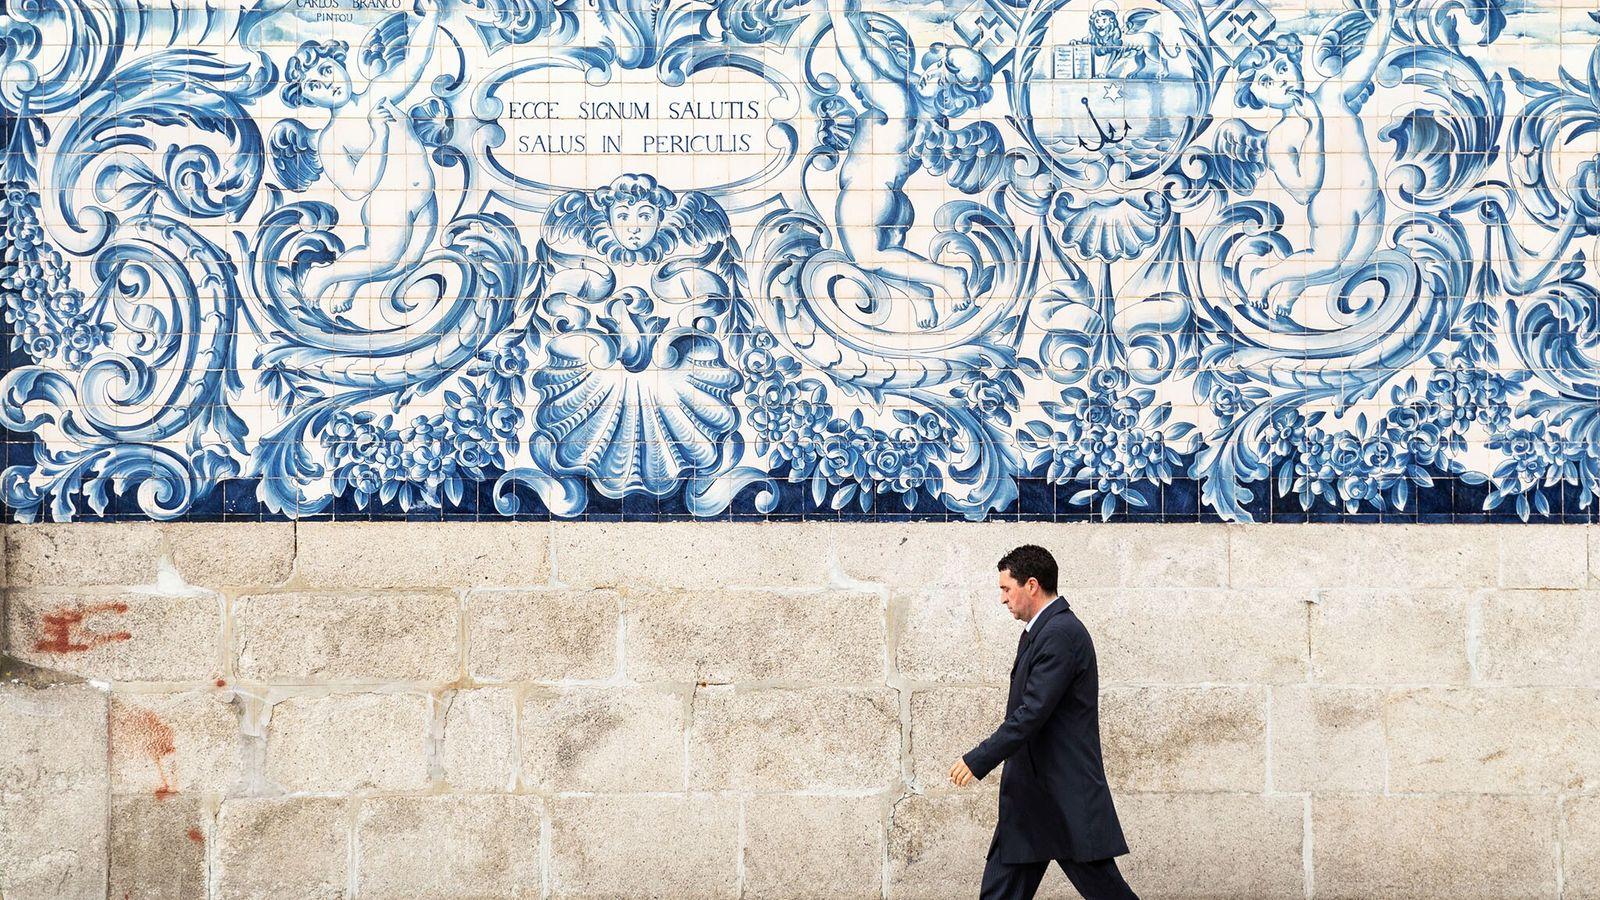 Installé en 1910 sur la façade de l'église du Carmo de Porto, au Portugal, cet azulejo ...